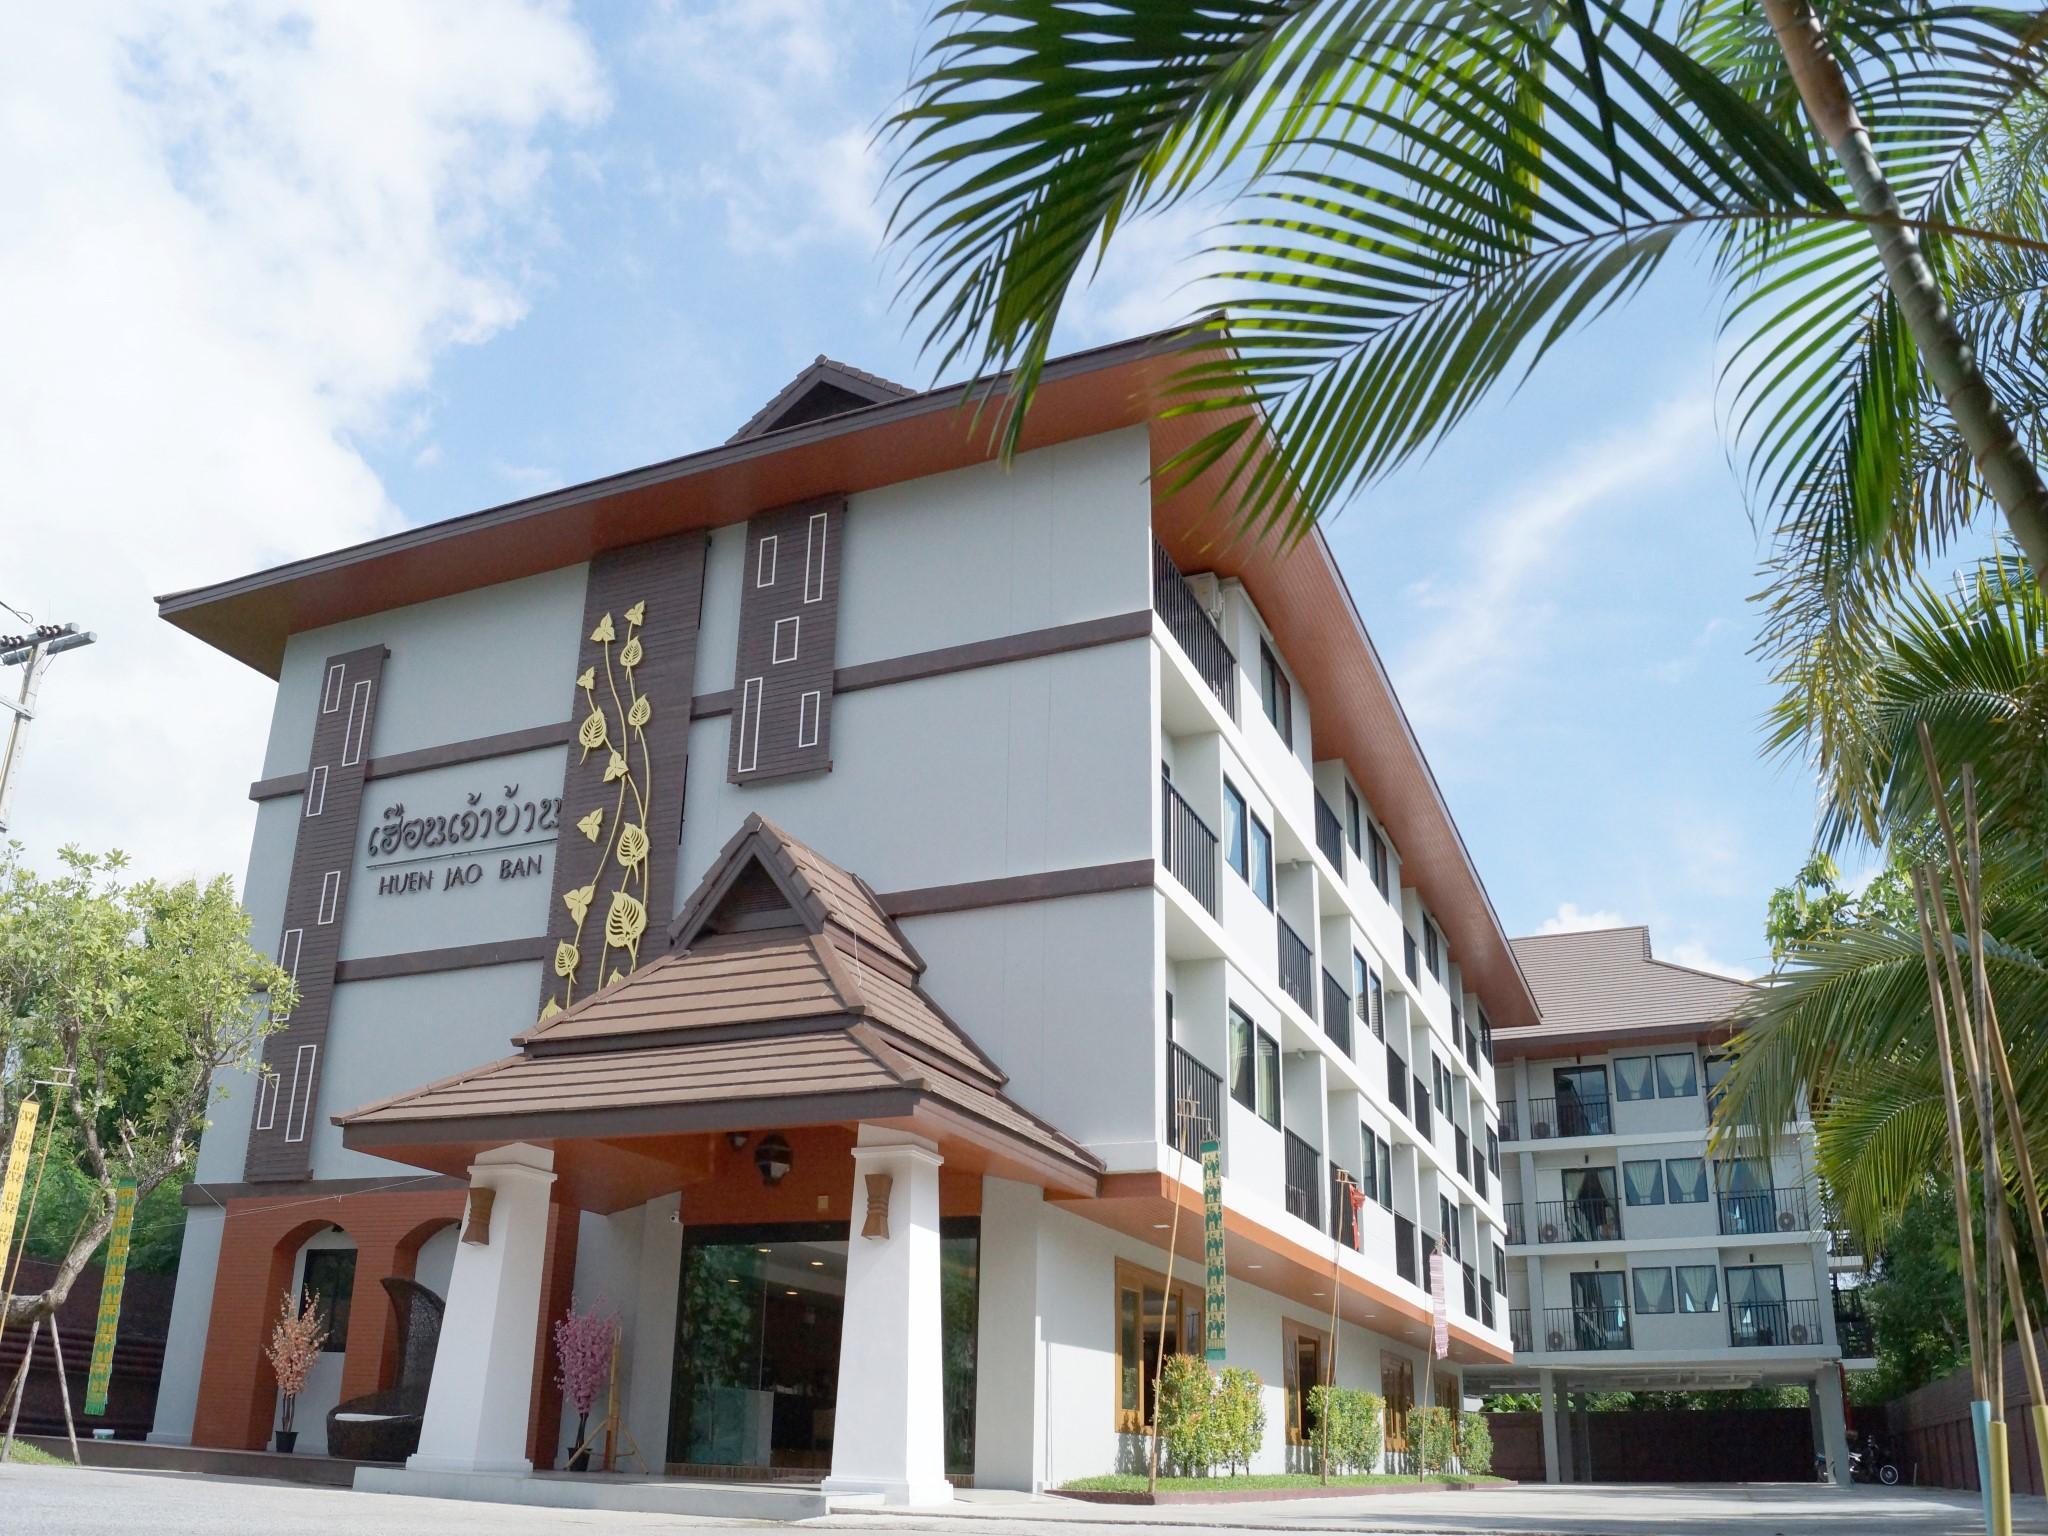 จอง โรงแรมเฮือนเจ้าบ้าน (HUEN JAO BAN HOTEL) รีบจอง